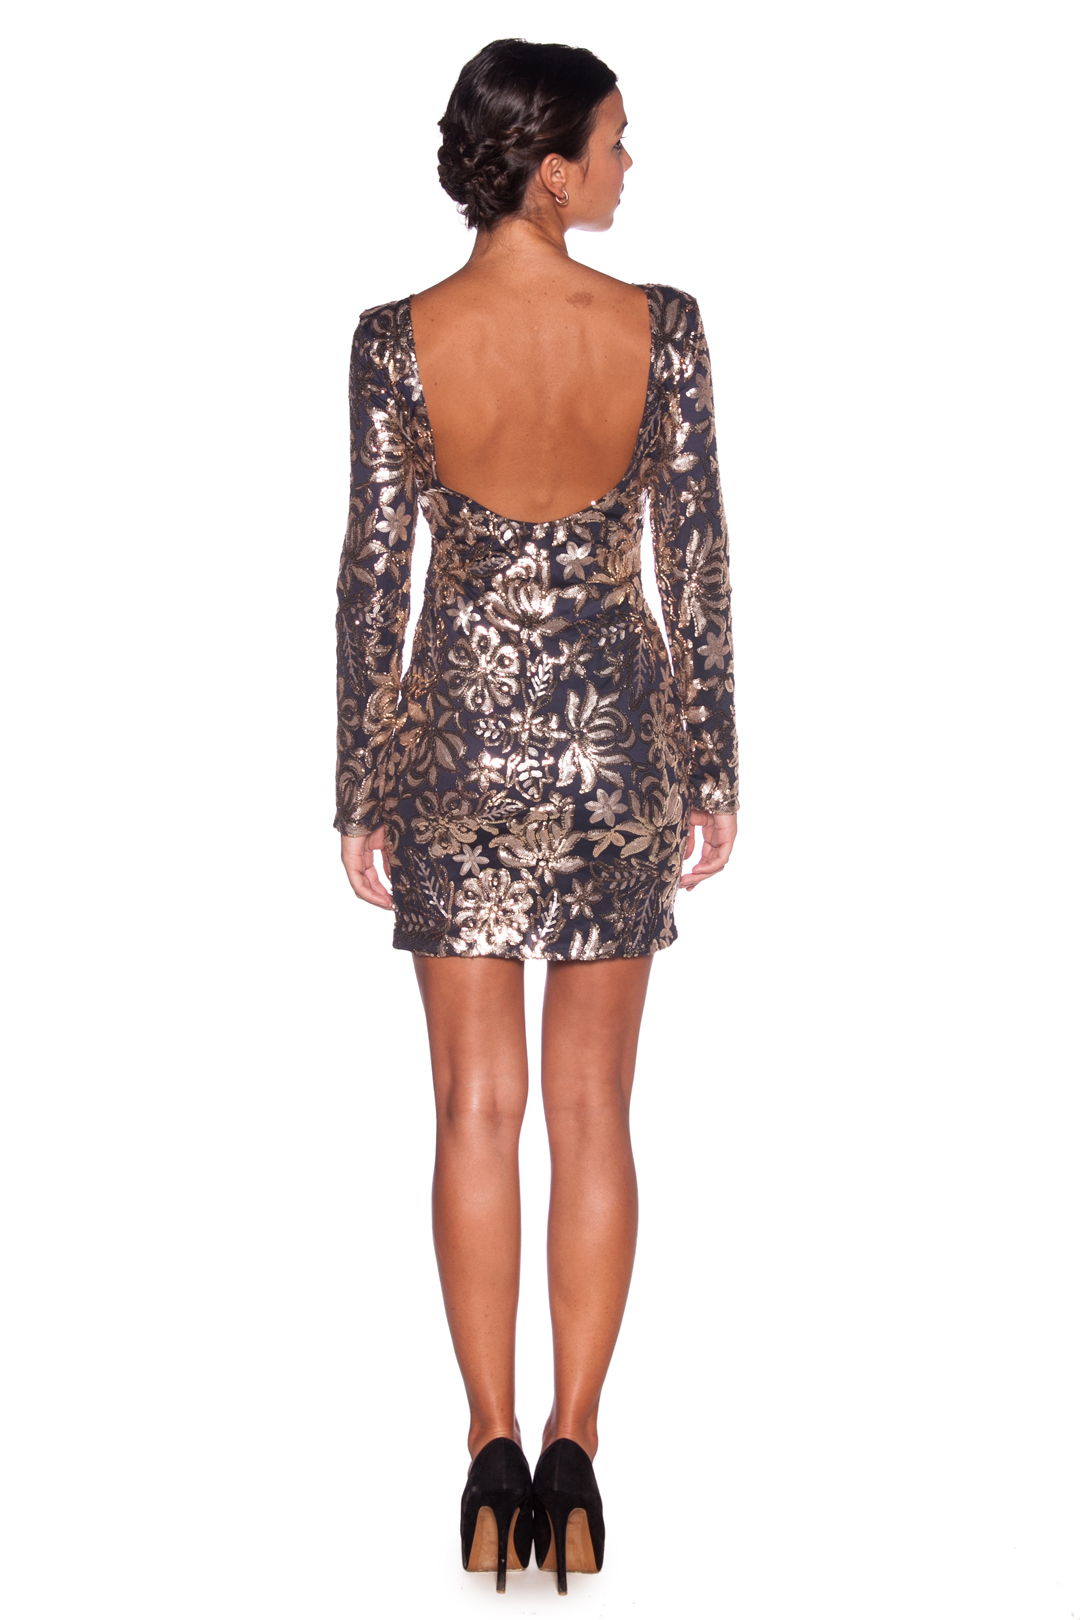 back - Vestido Sparkling Night